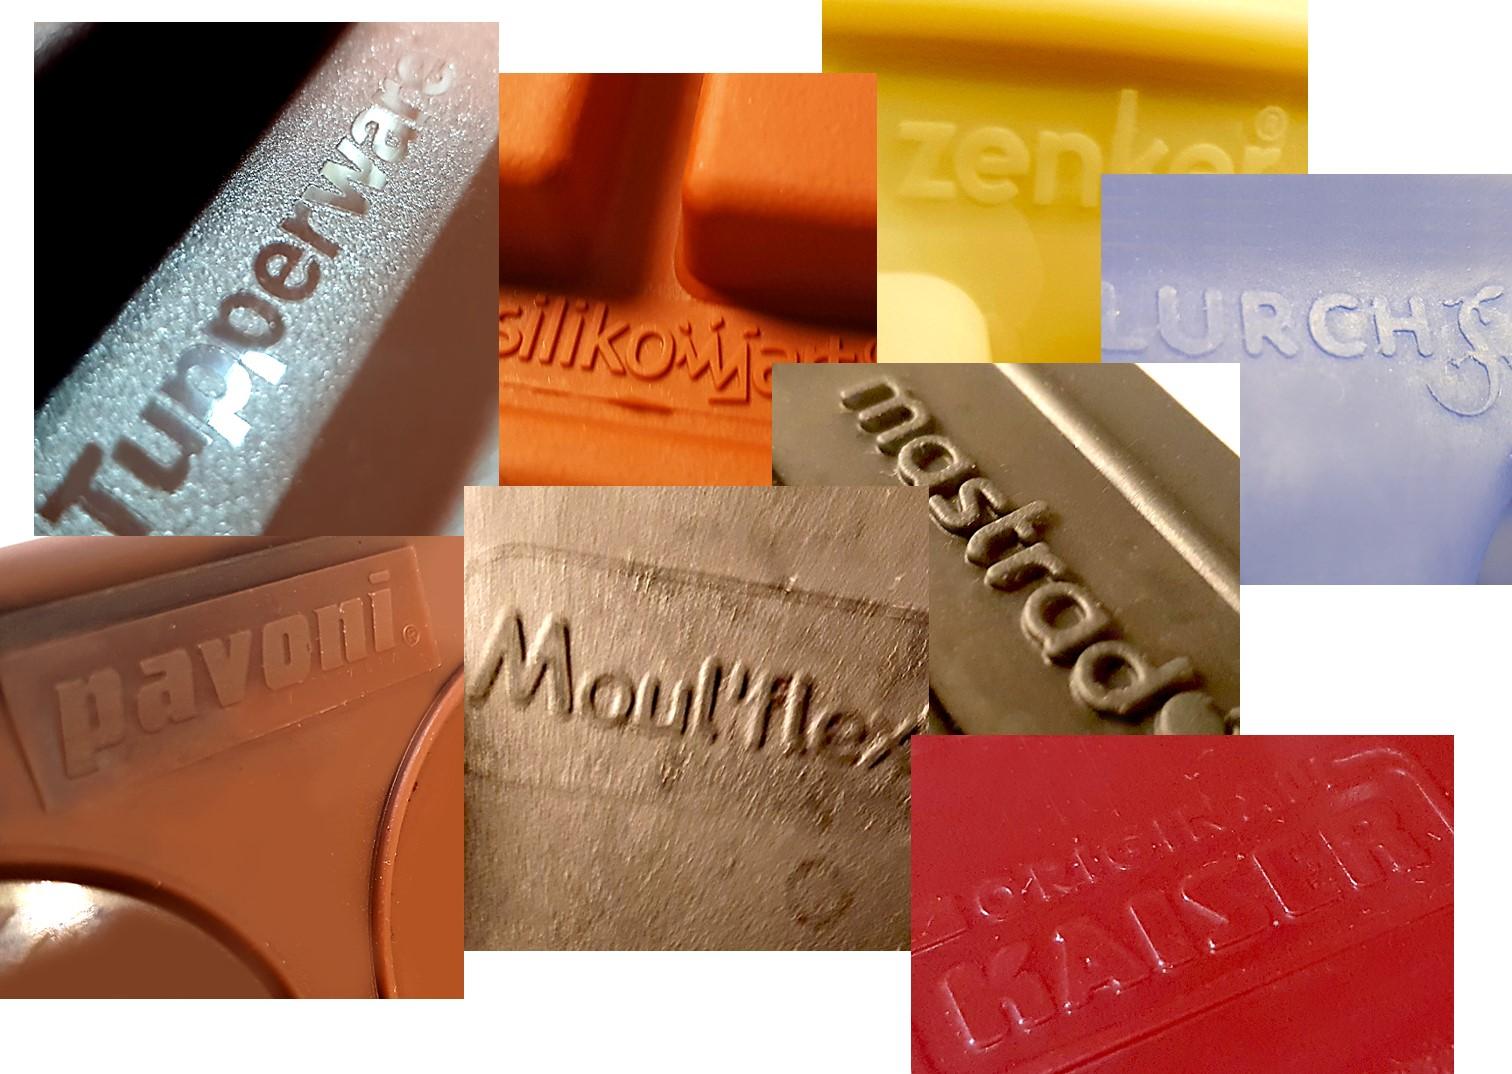 Küchengeräte aus Silikon: Welche Hersteller sind vertrauenswürdig?